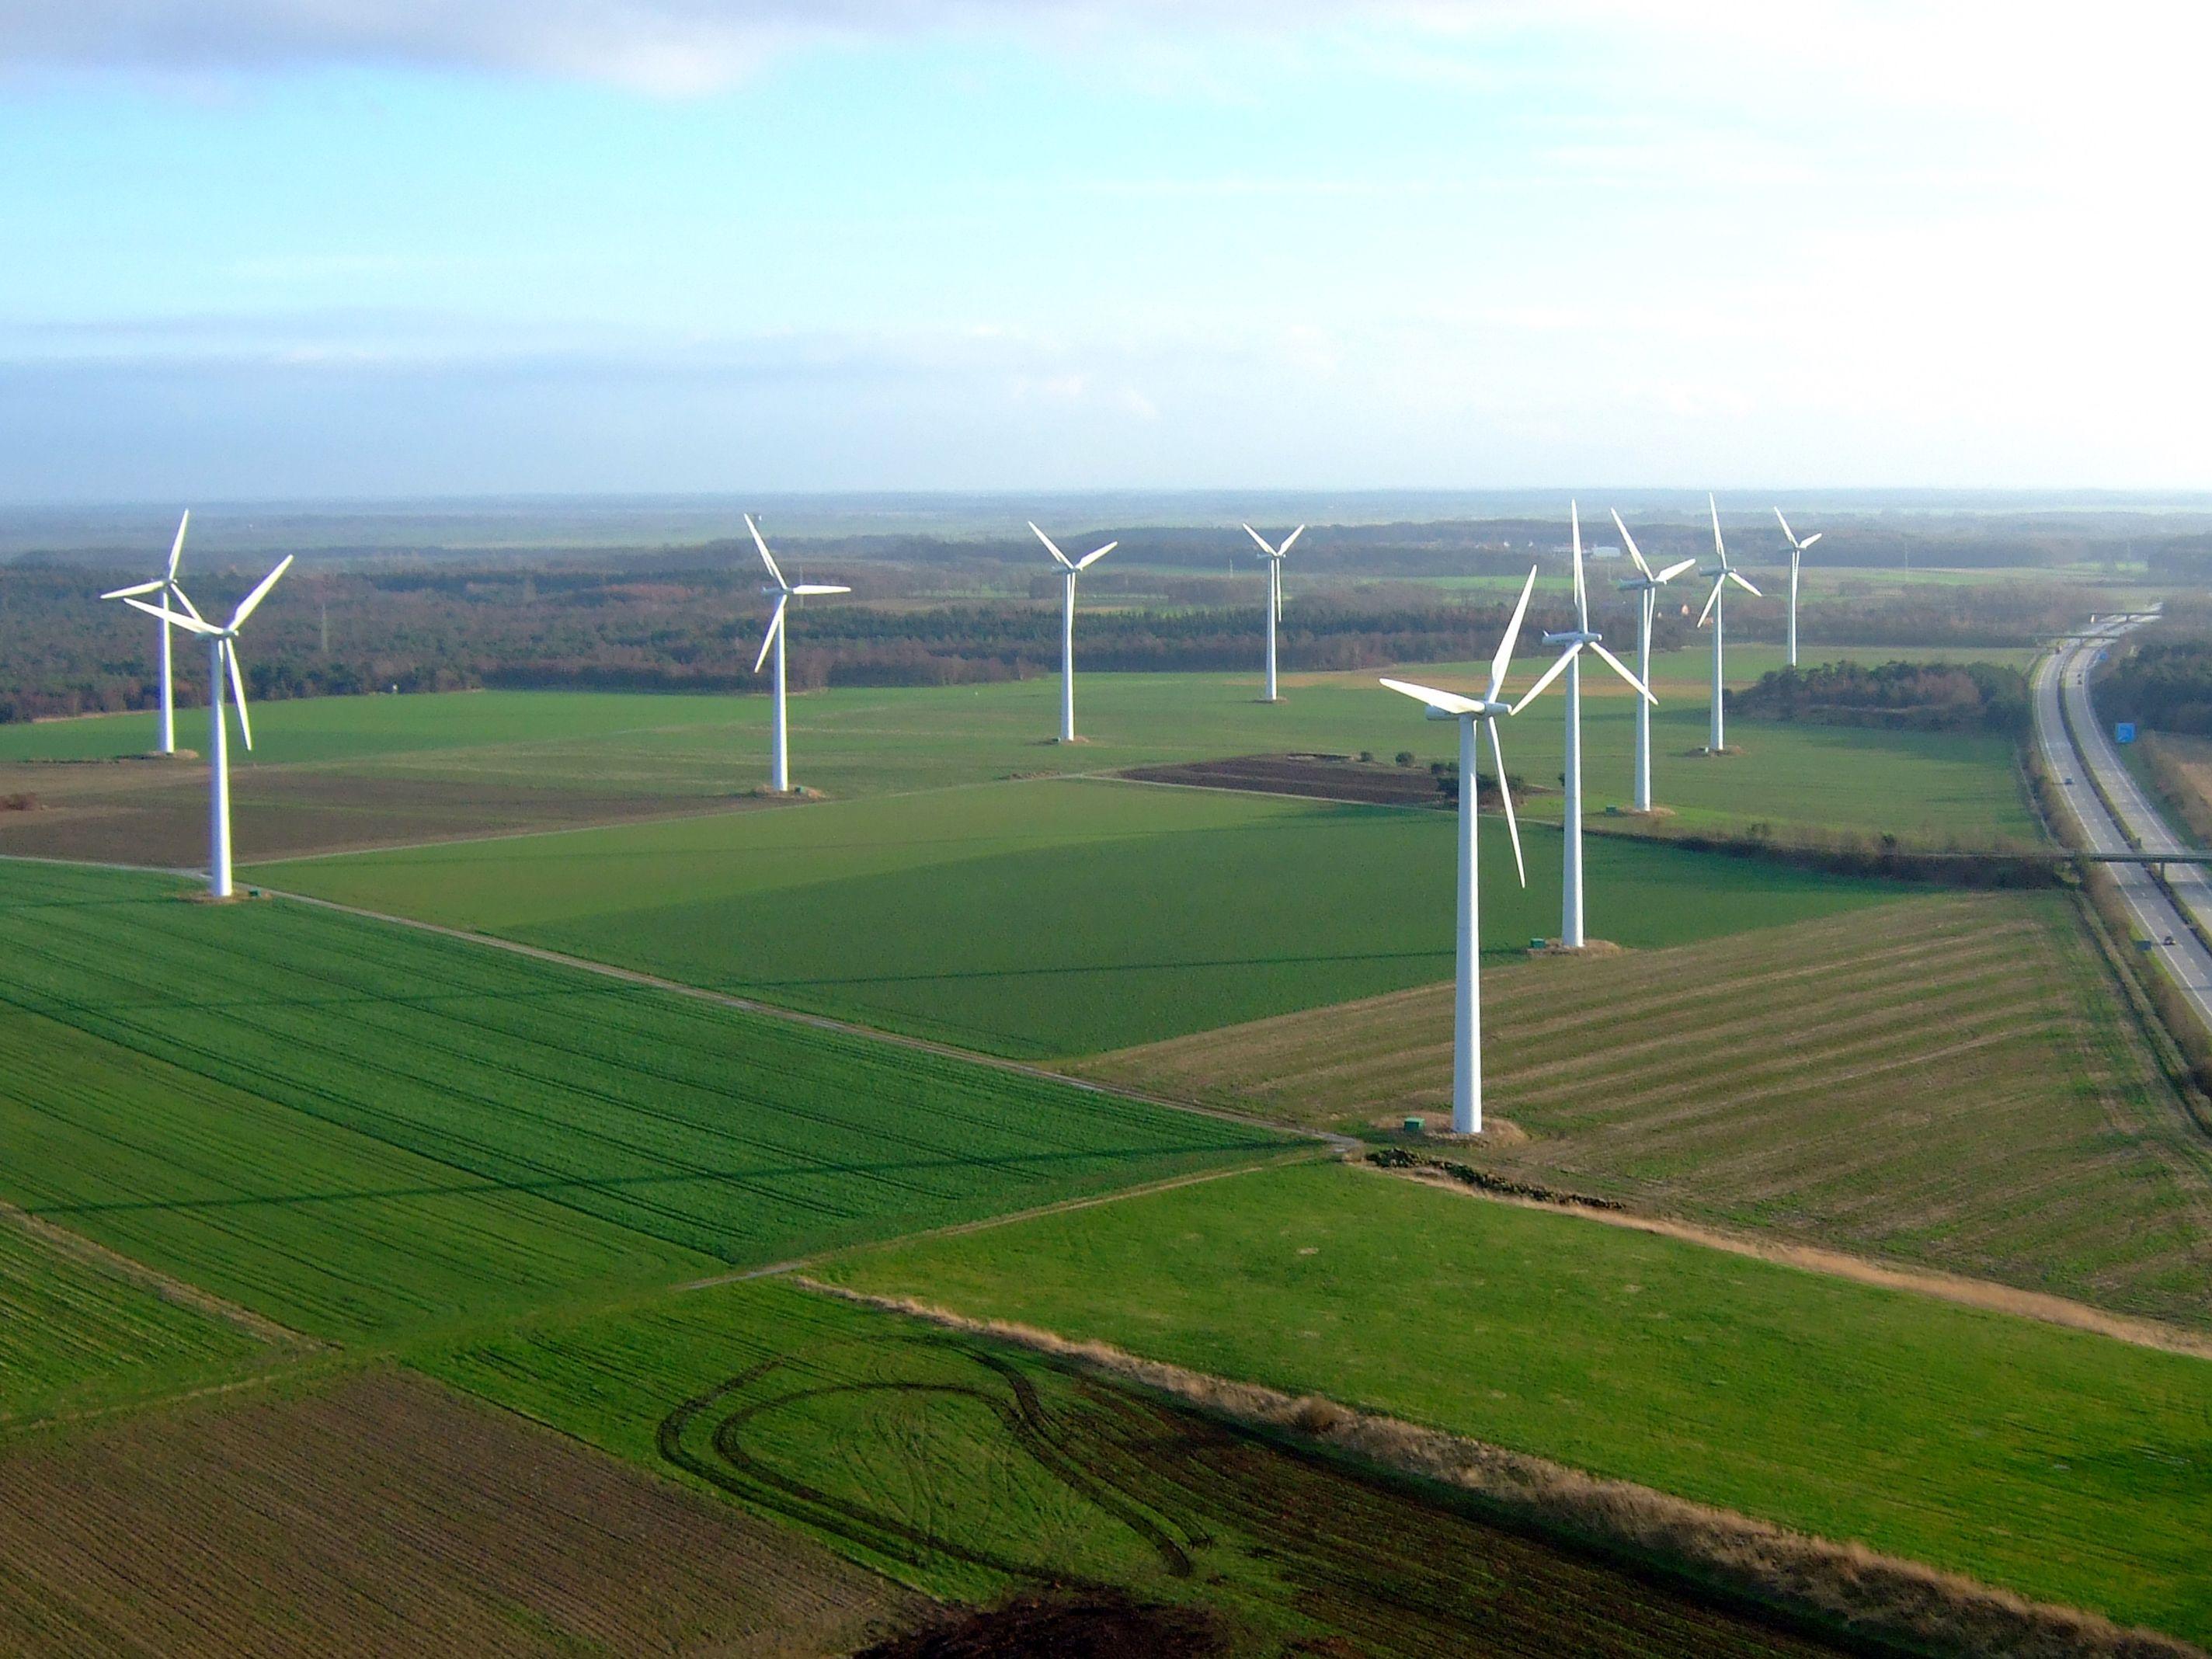 Die Energiekontor AG betreibt Windkraftanlagen in Deutschland und im Ausland. Im Bild der Windpark Beckum. / Foto: Energiekontor